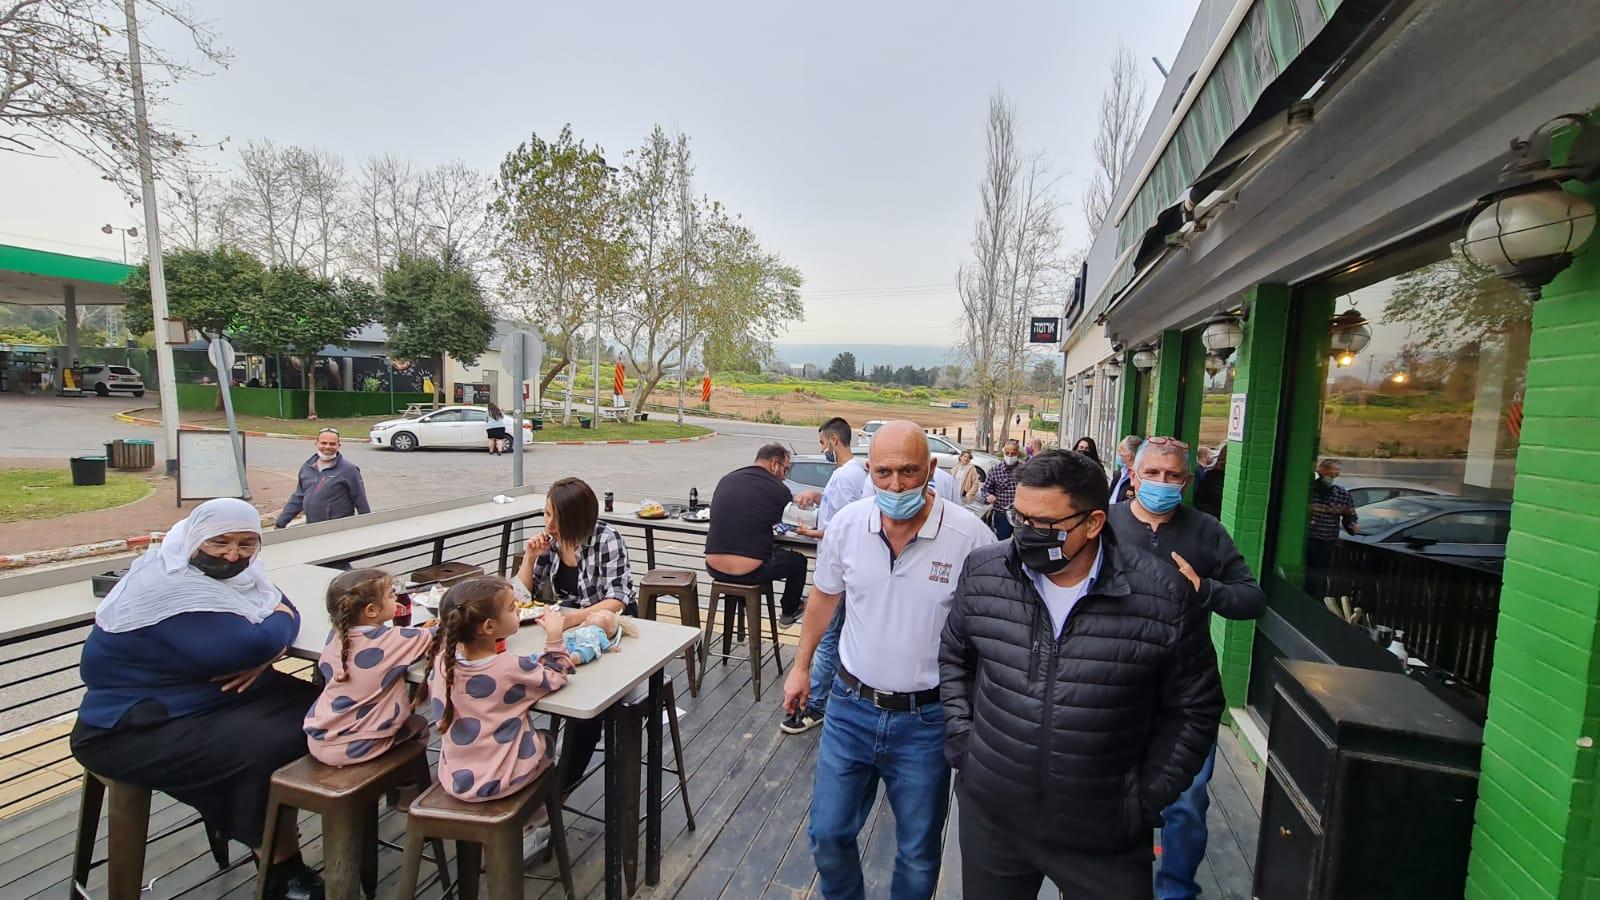 נדחתה סגירת המאפייה: משרד הביטחון השהה עד לסוף חודש אפריל את המכרז להספקת הלחם